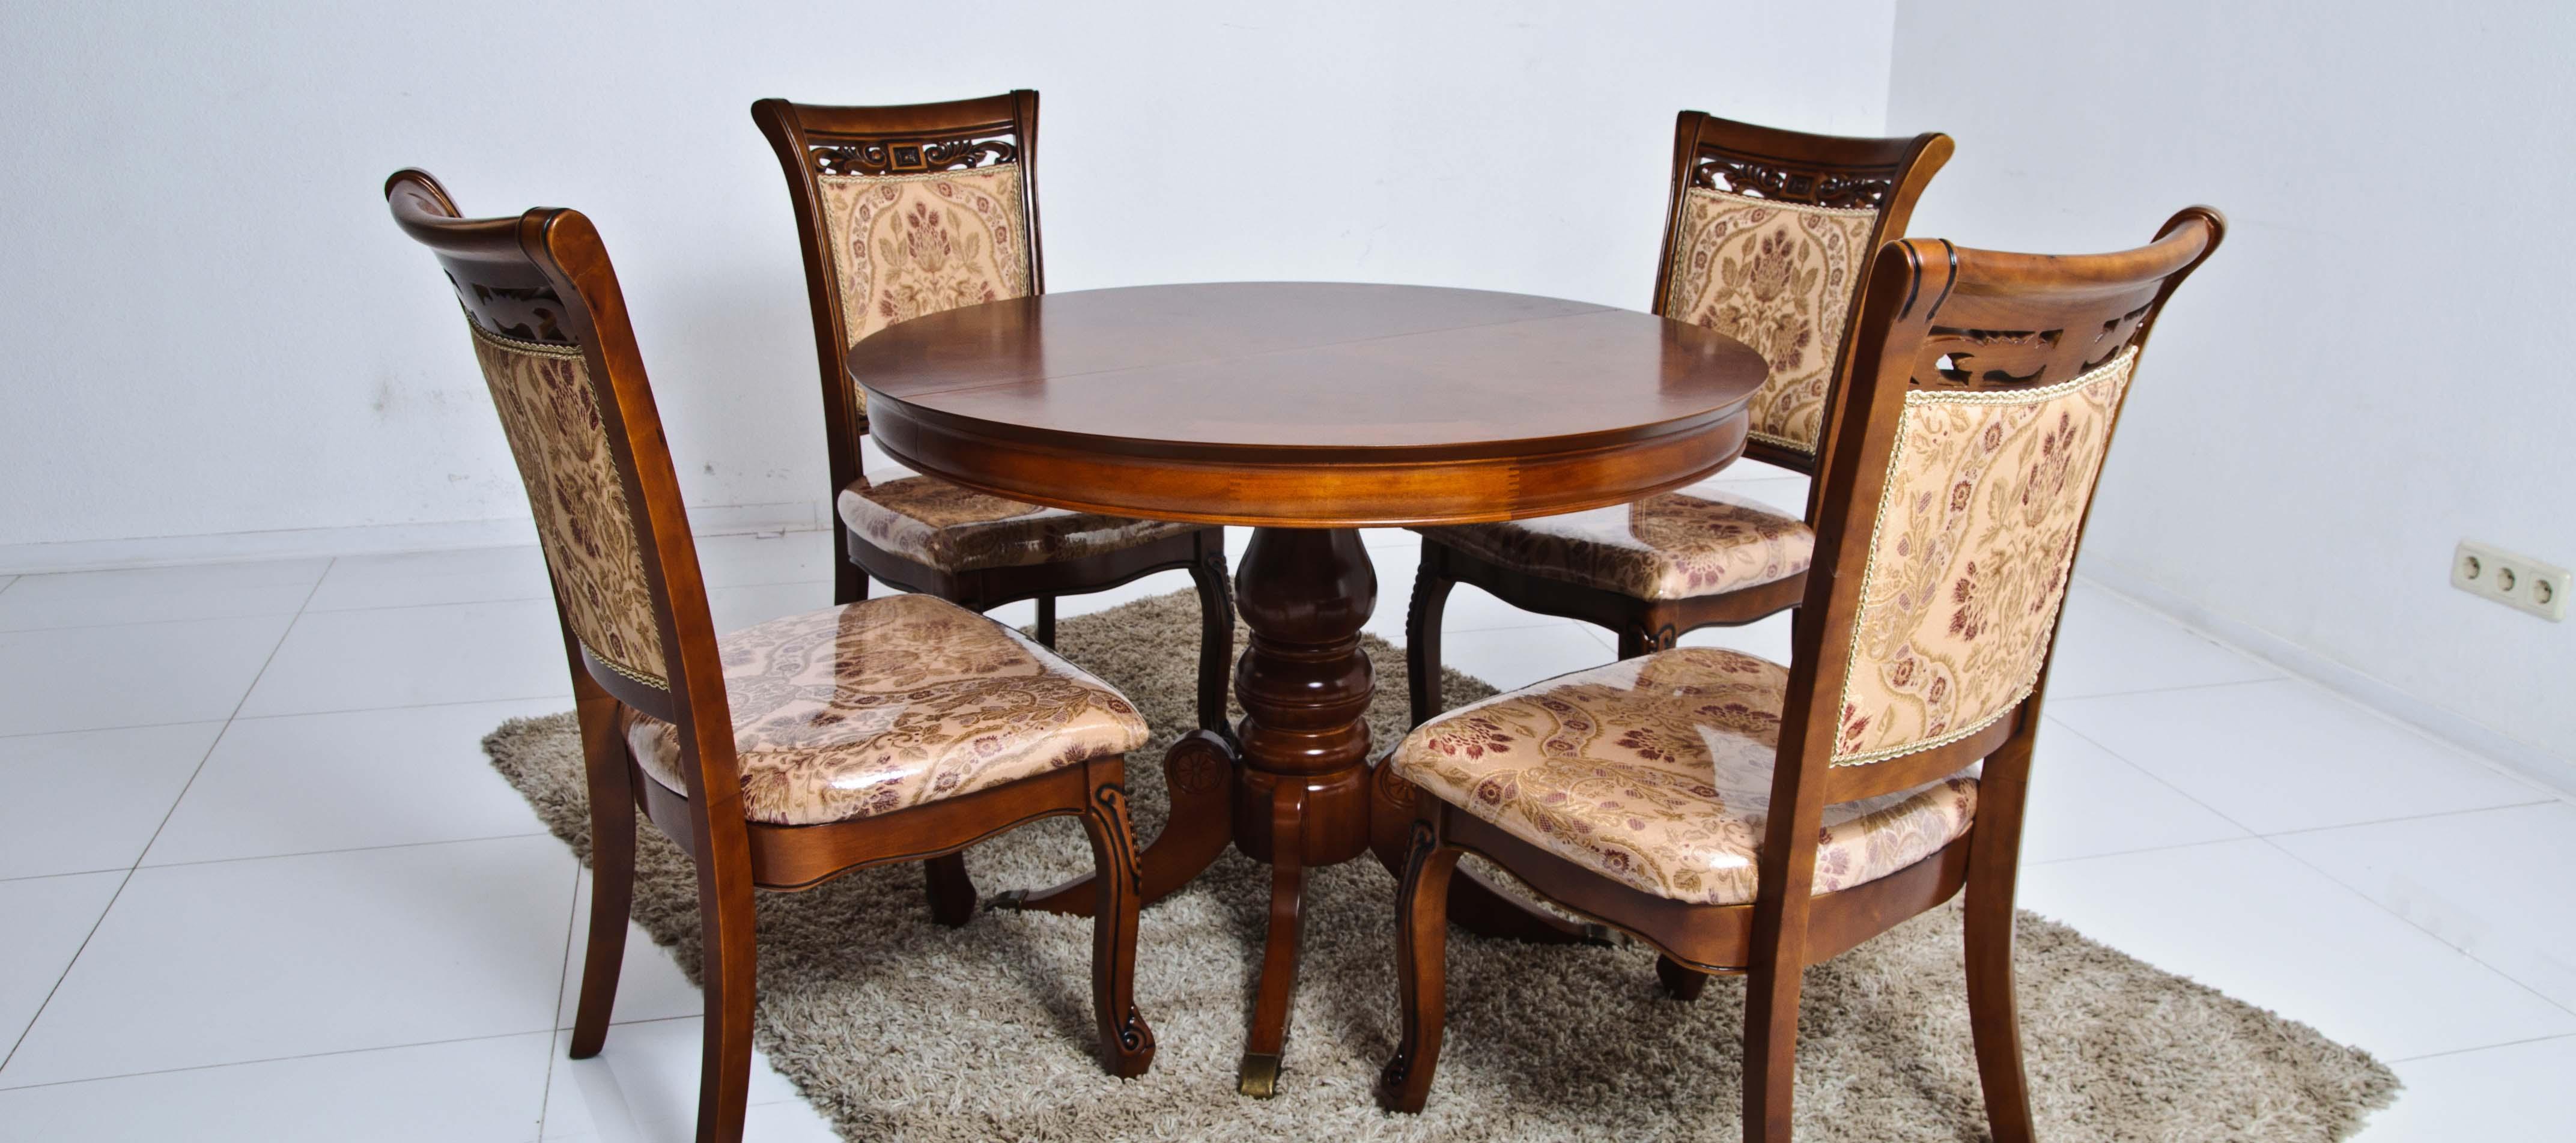 Круглый обеденный деревянный стол в современном интерьере